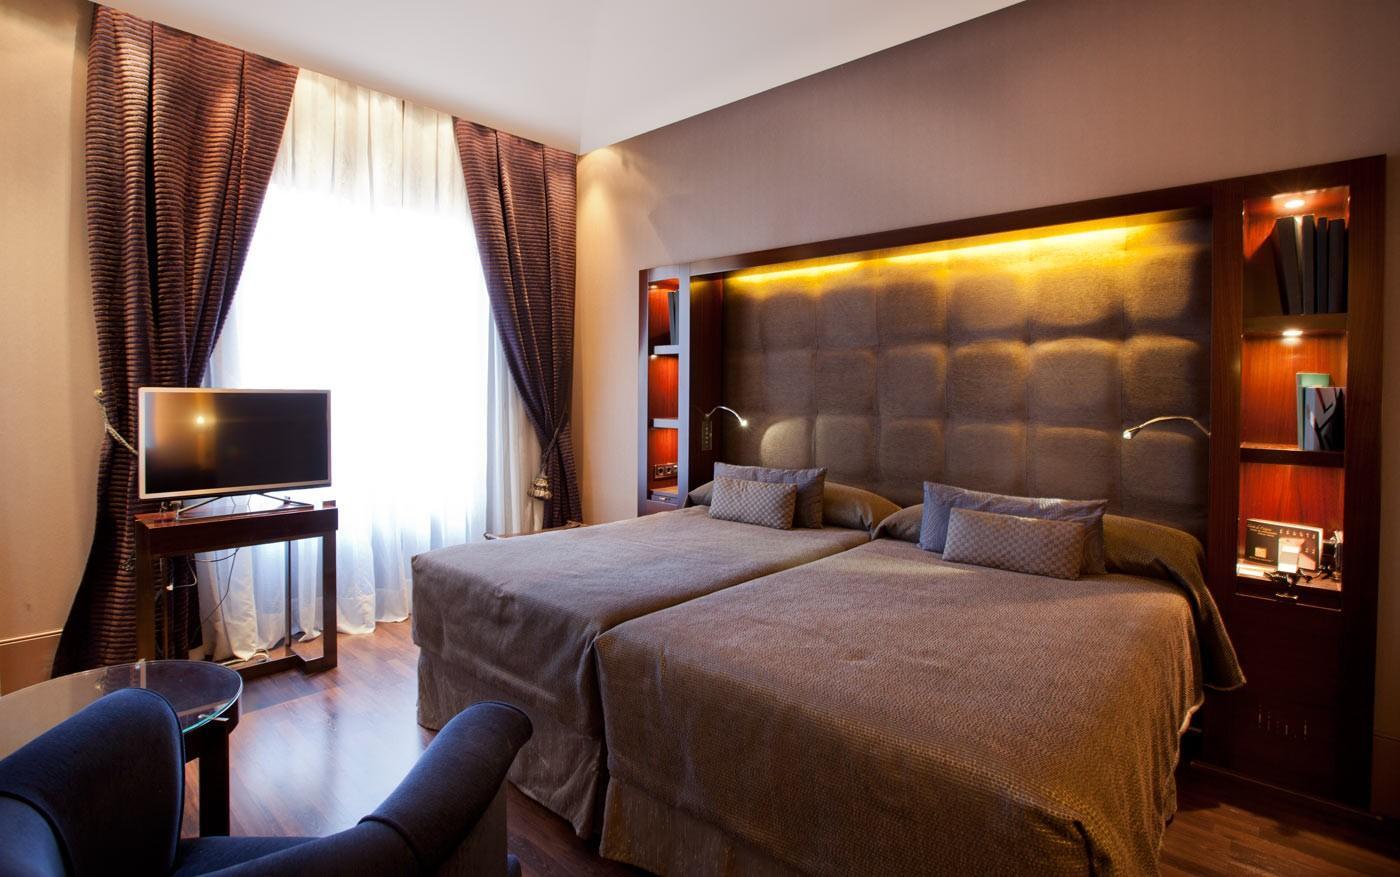 Chambres h tel casa fuster barcelone for Chambre hote barcelone